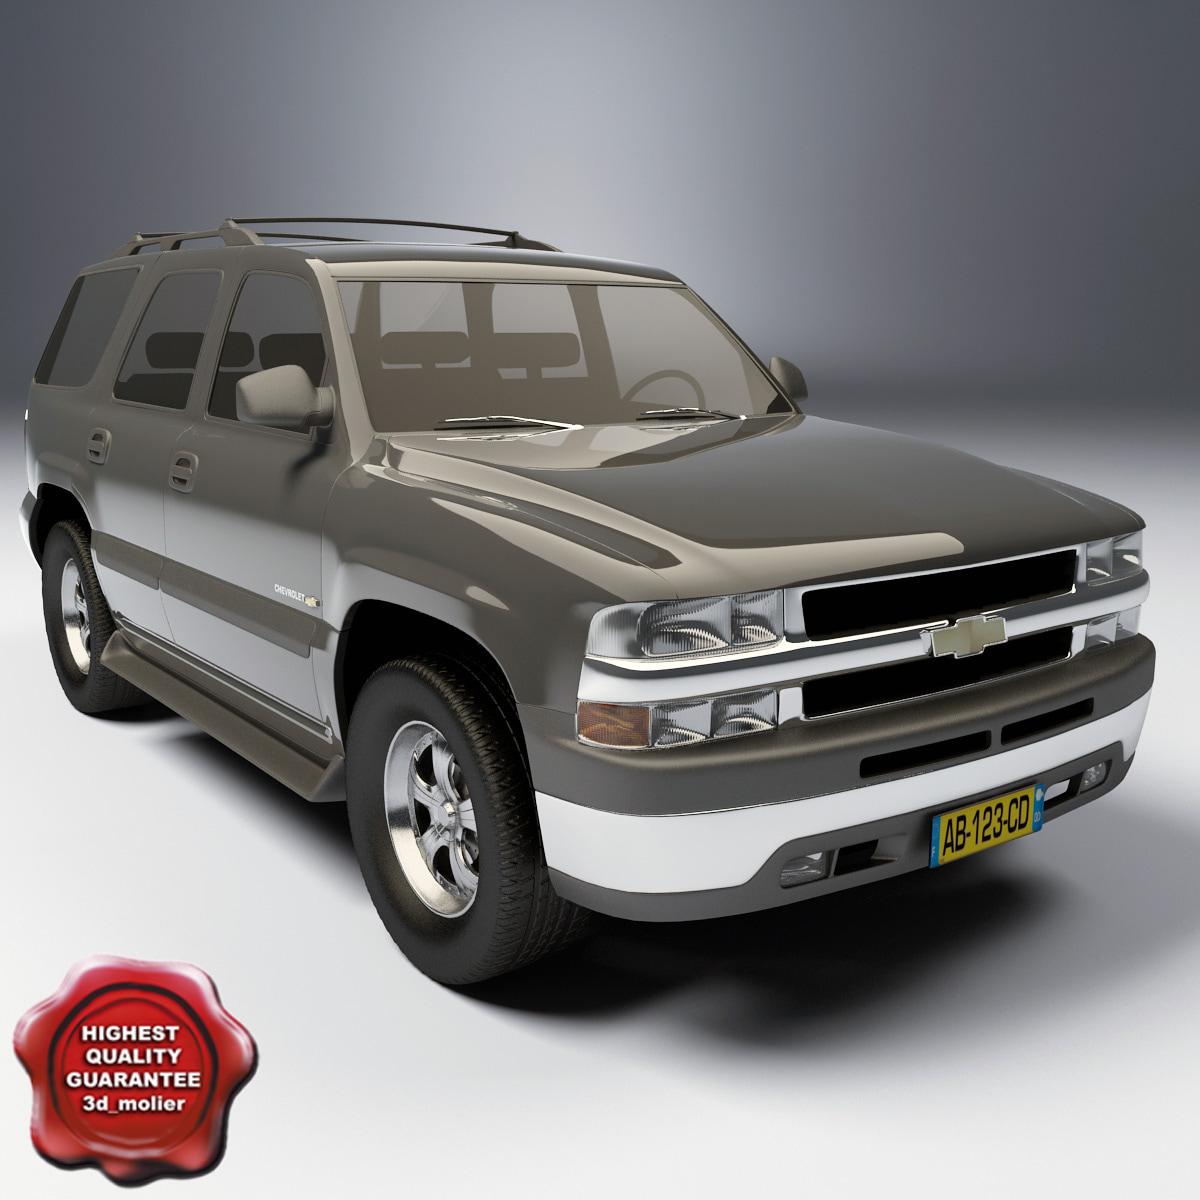 Chevrolet_Tahoe_00.jpg